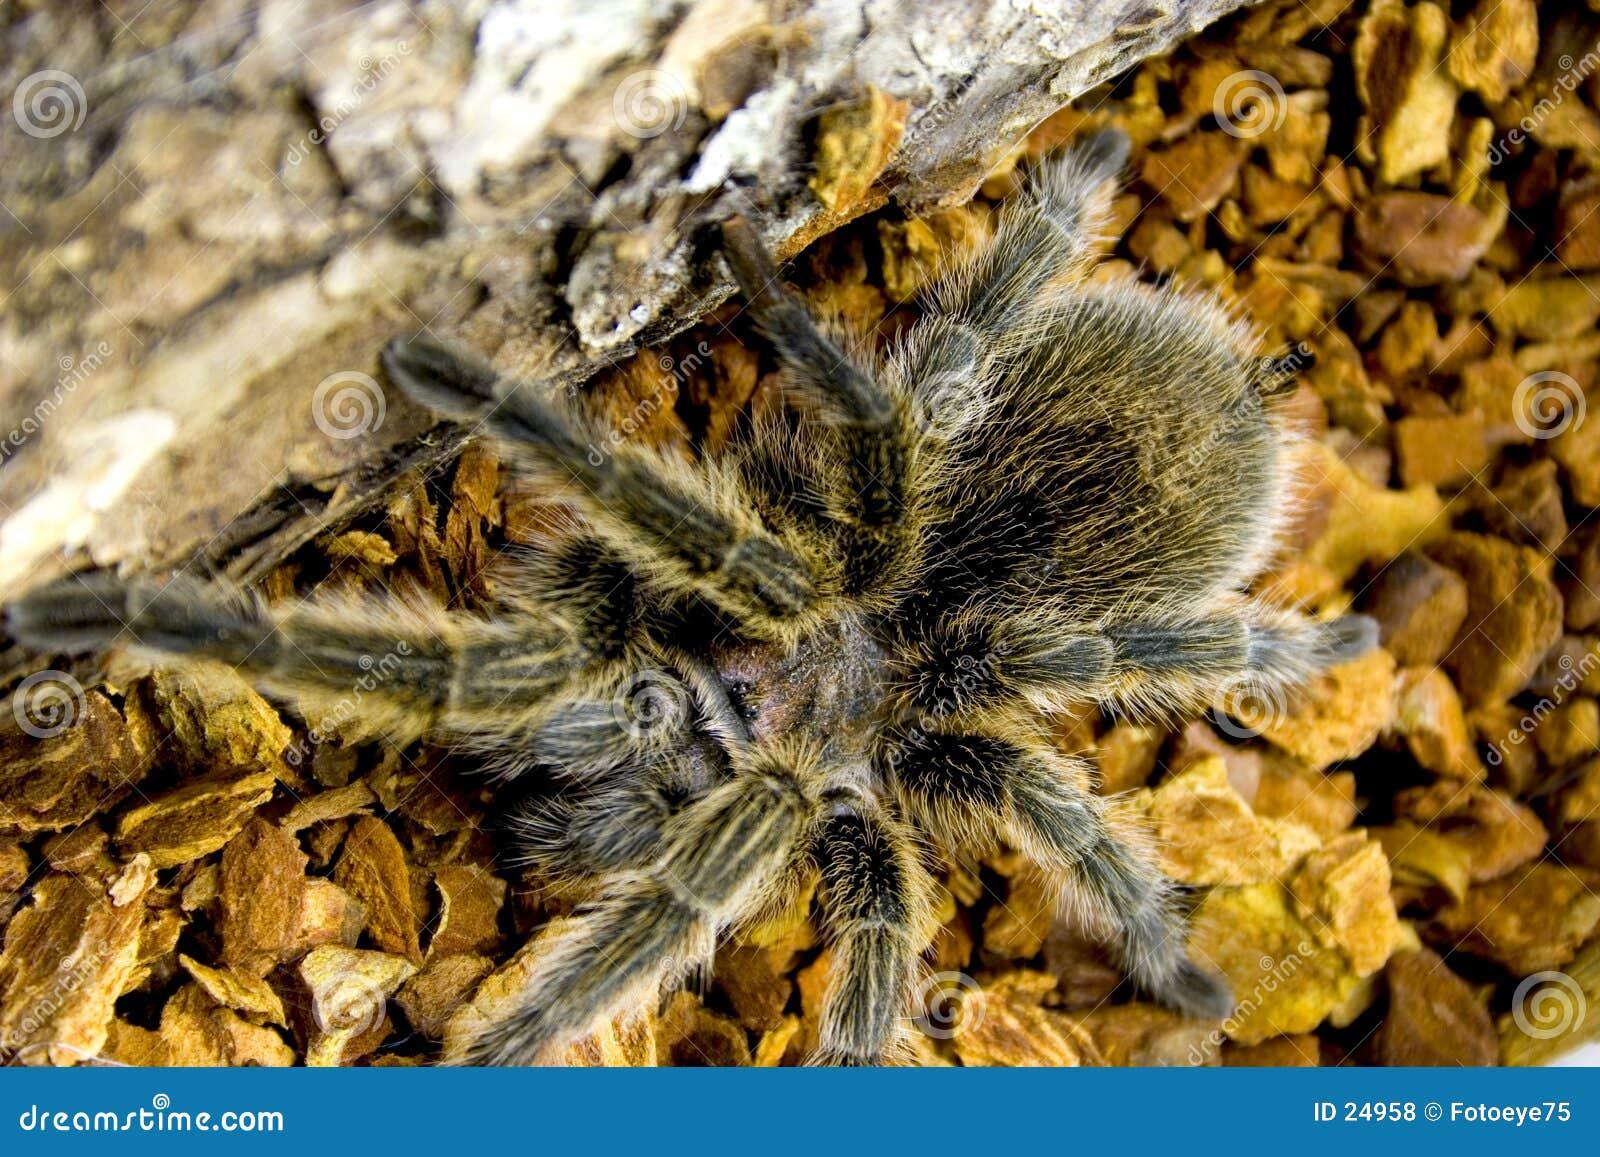 Rose-hair tarantula